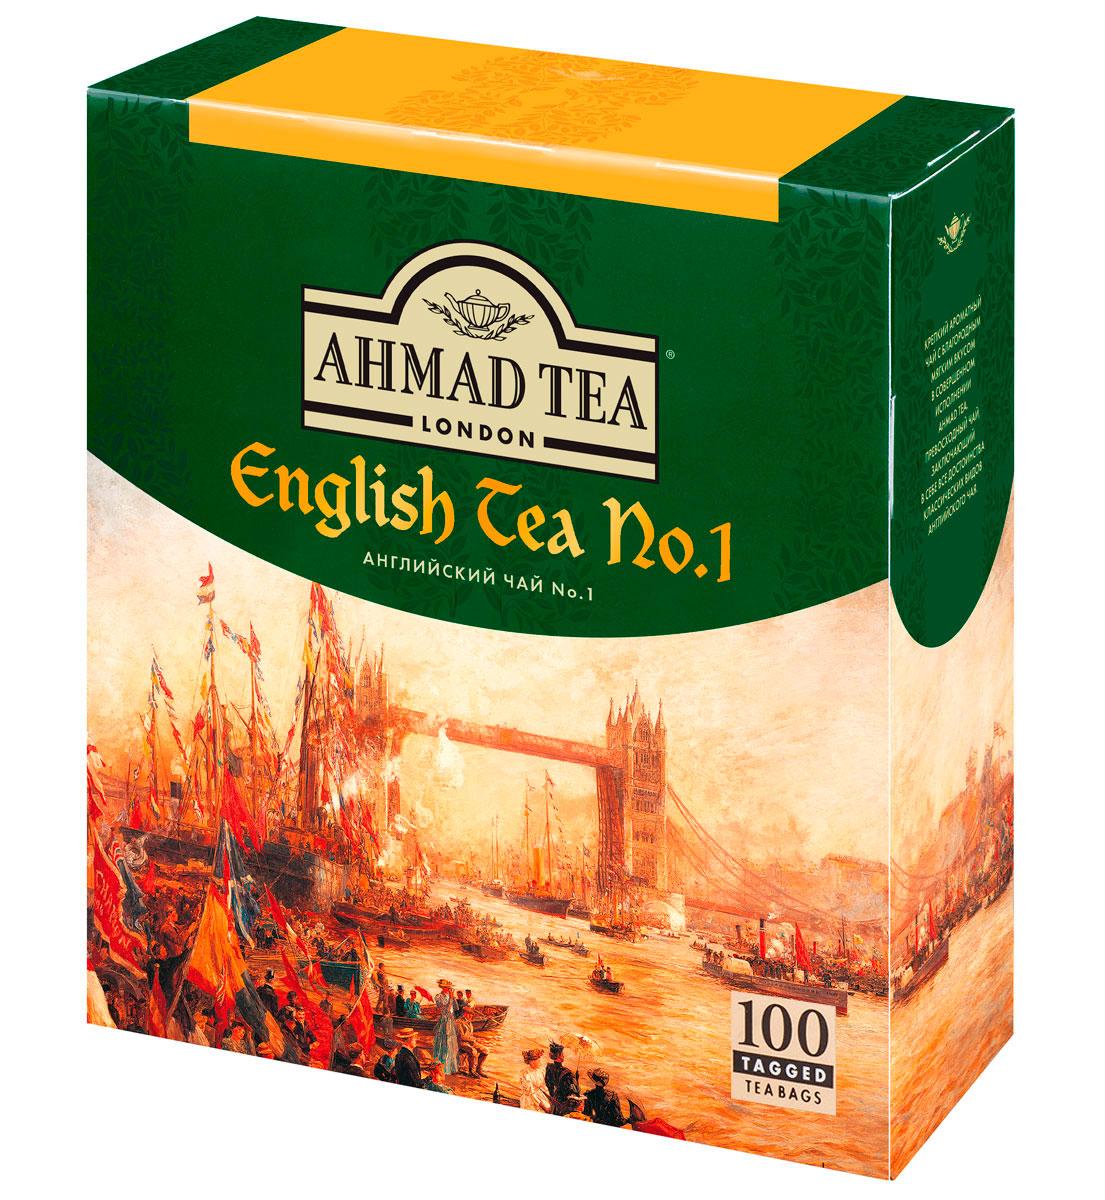 Ahmad Tea English Tea No.1 черный чай в пакетиках, 100 шт598-08Чашка чая Ahmad Tea English Tea No.1 делает общение добрым и приятным. Смесь эксклюзивных сортов черного чая с легким ароматом бергамота в совершенном исполнении Ahmad Tea. Прекрасный чай для любого времени дня. Идеальное сочетание мягкого вкуса, аромата, цвета и крепости. Прекрасный чай для любого настроения и времени дня. Заваривать 3-5 минут, температура воды 100 градусов.